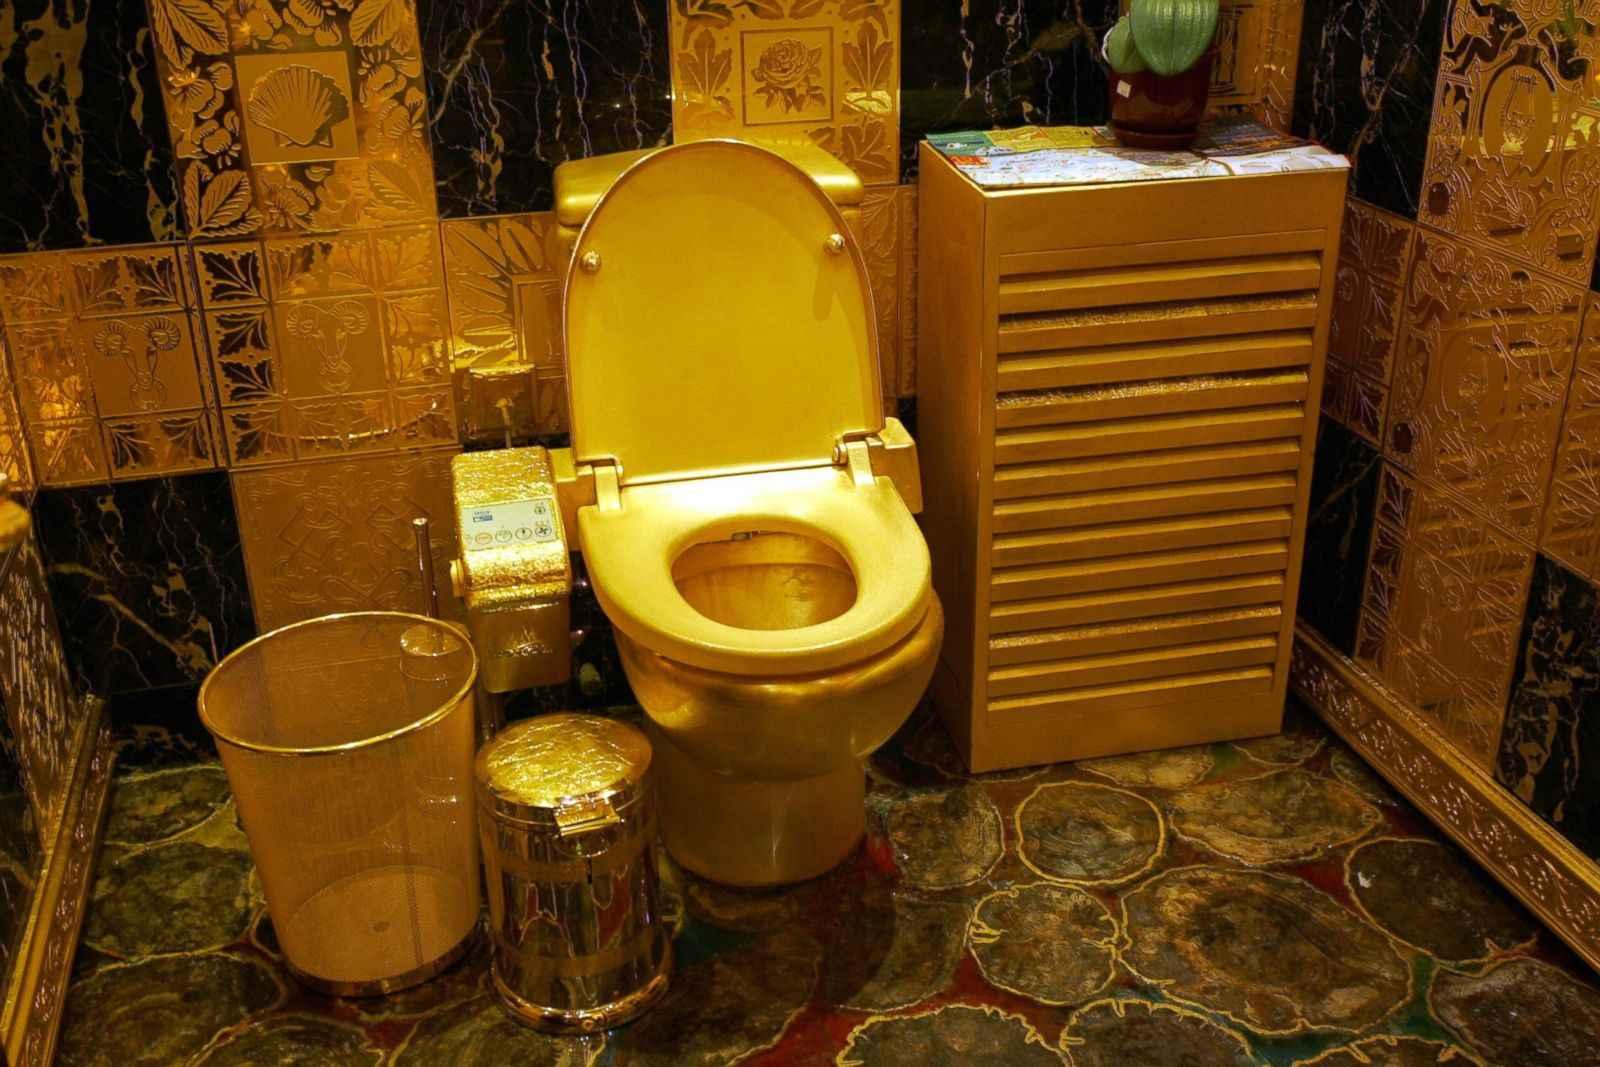 инструкция по использованию туалетом юморное